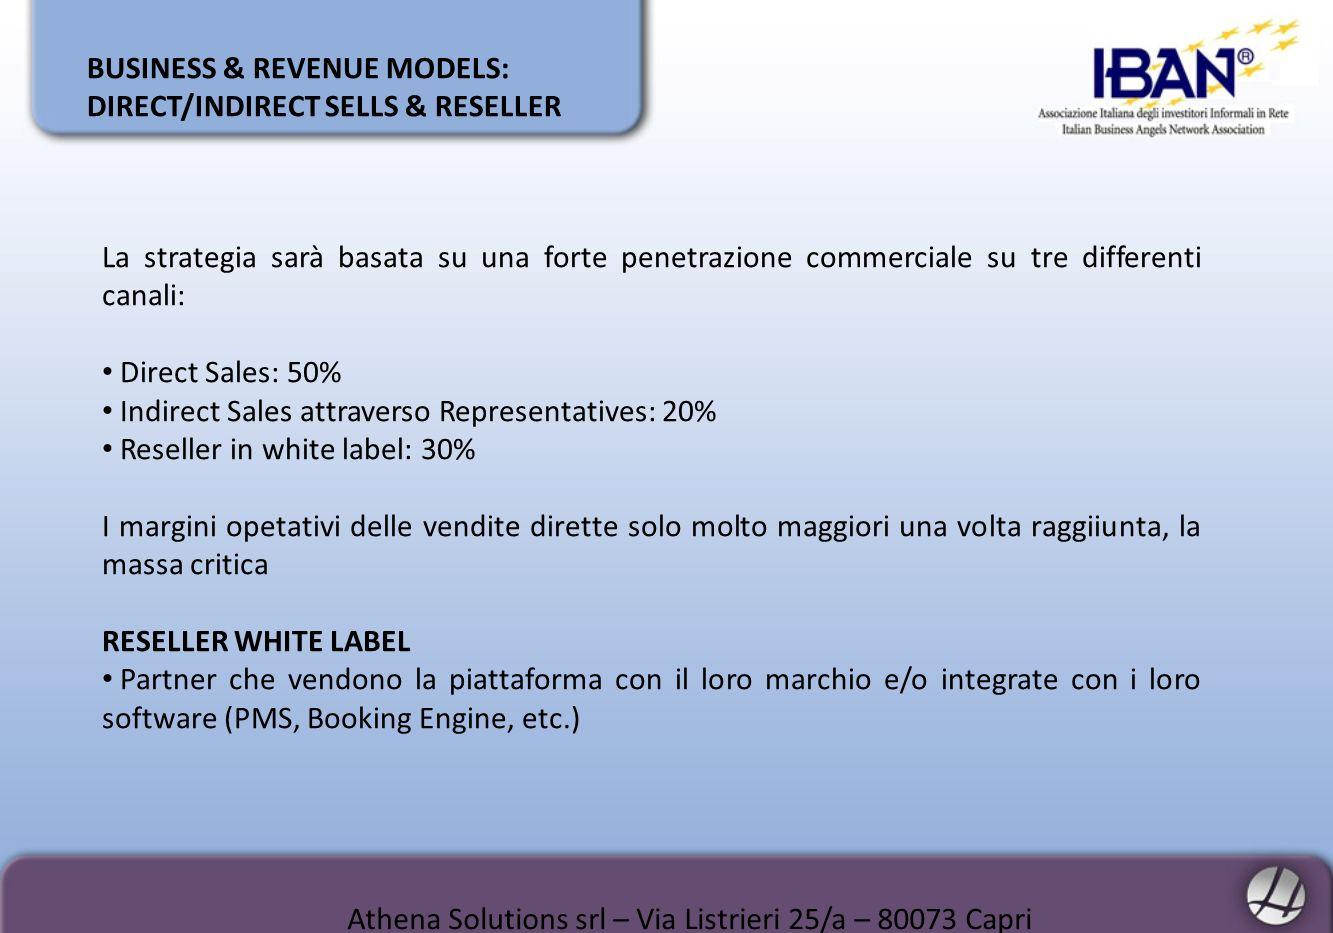 BUSINESS & REVENUE MODELS: DIRECT/INDIRECT SELLS & RESELLER La strategia sarà basata su una forte penetrazione commerciale su tre differenti canali: D